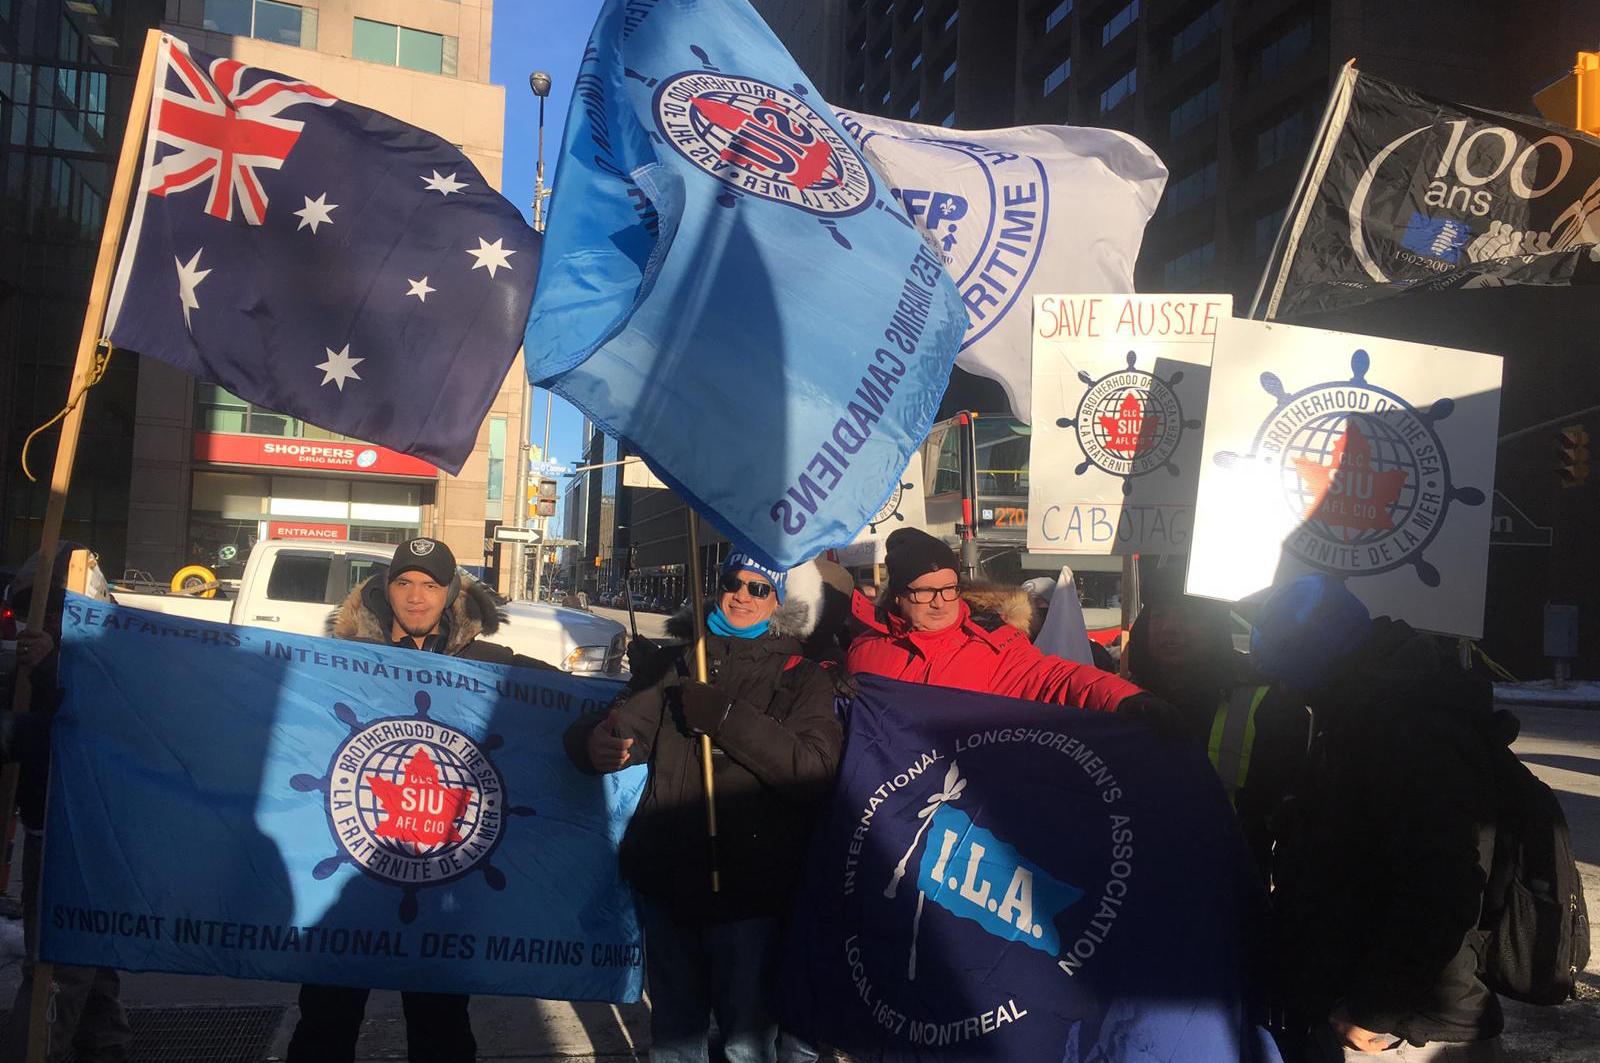 SIU members demonstrate in solidarity for Australian seafarers